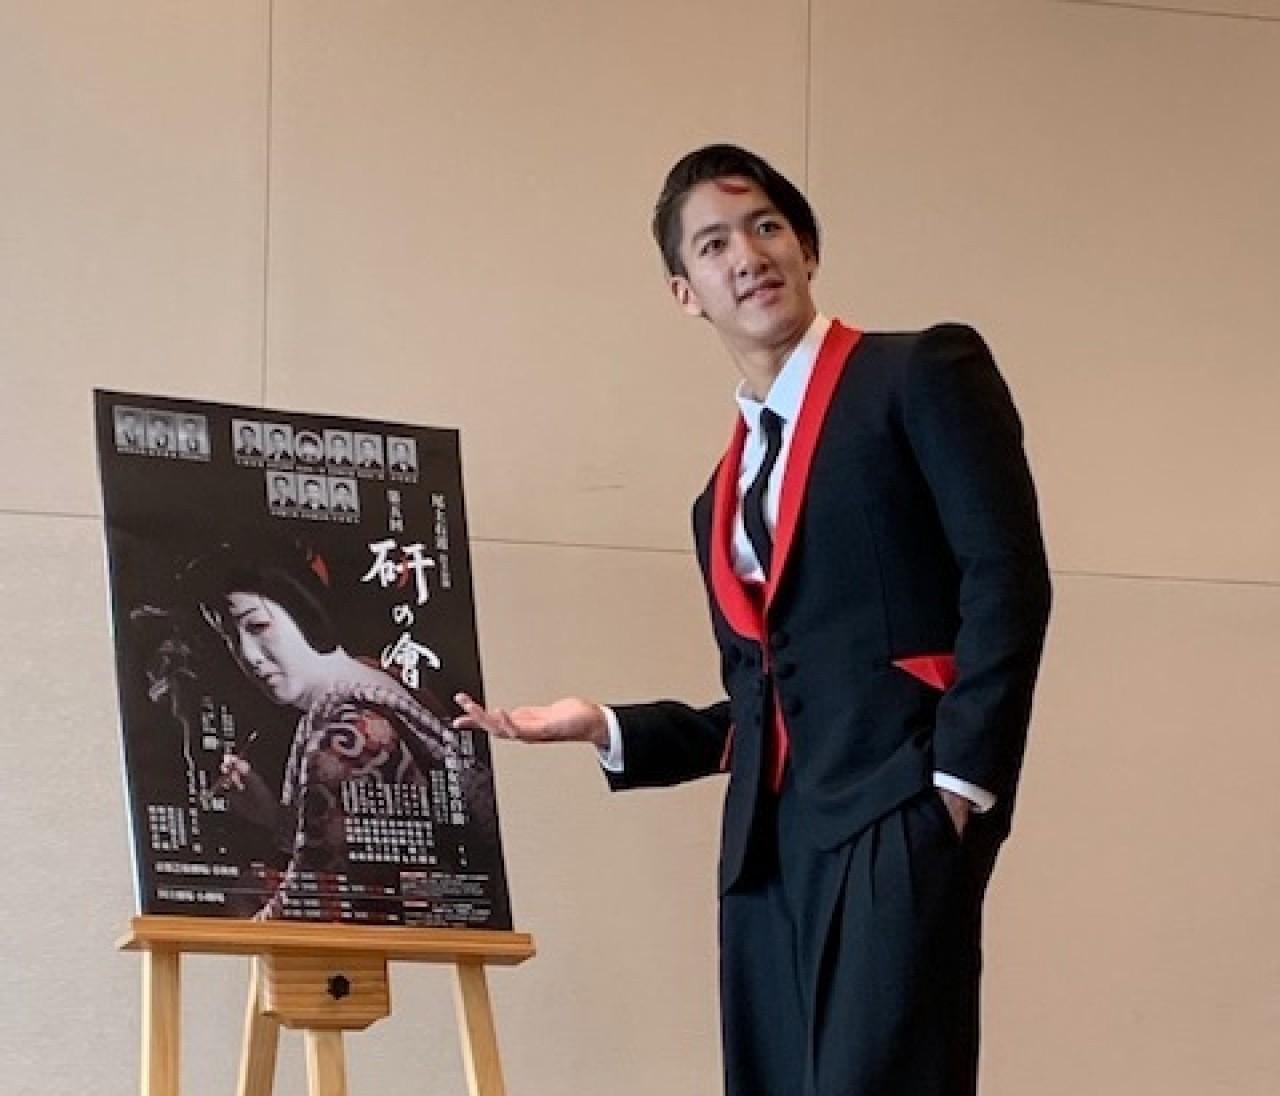 歌舞伎俳優 尾上右近の自主公演「第五回 研の會」記者会見に行ってきました!!【バイラ歌舞伎部】